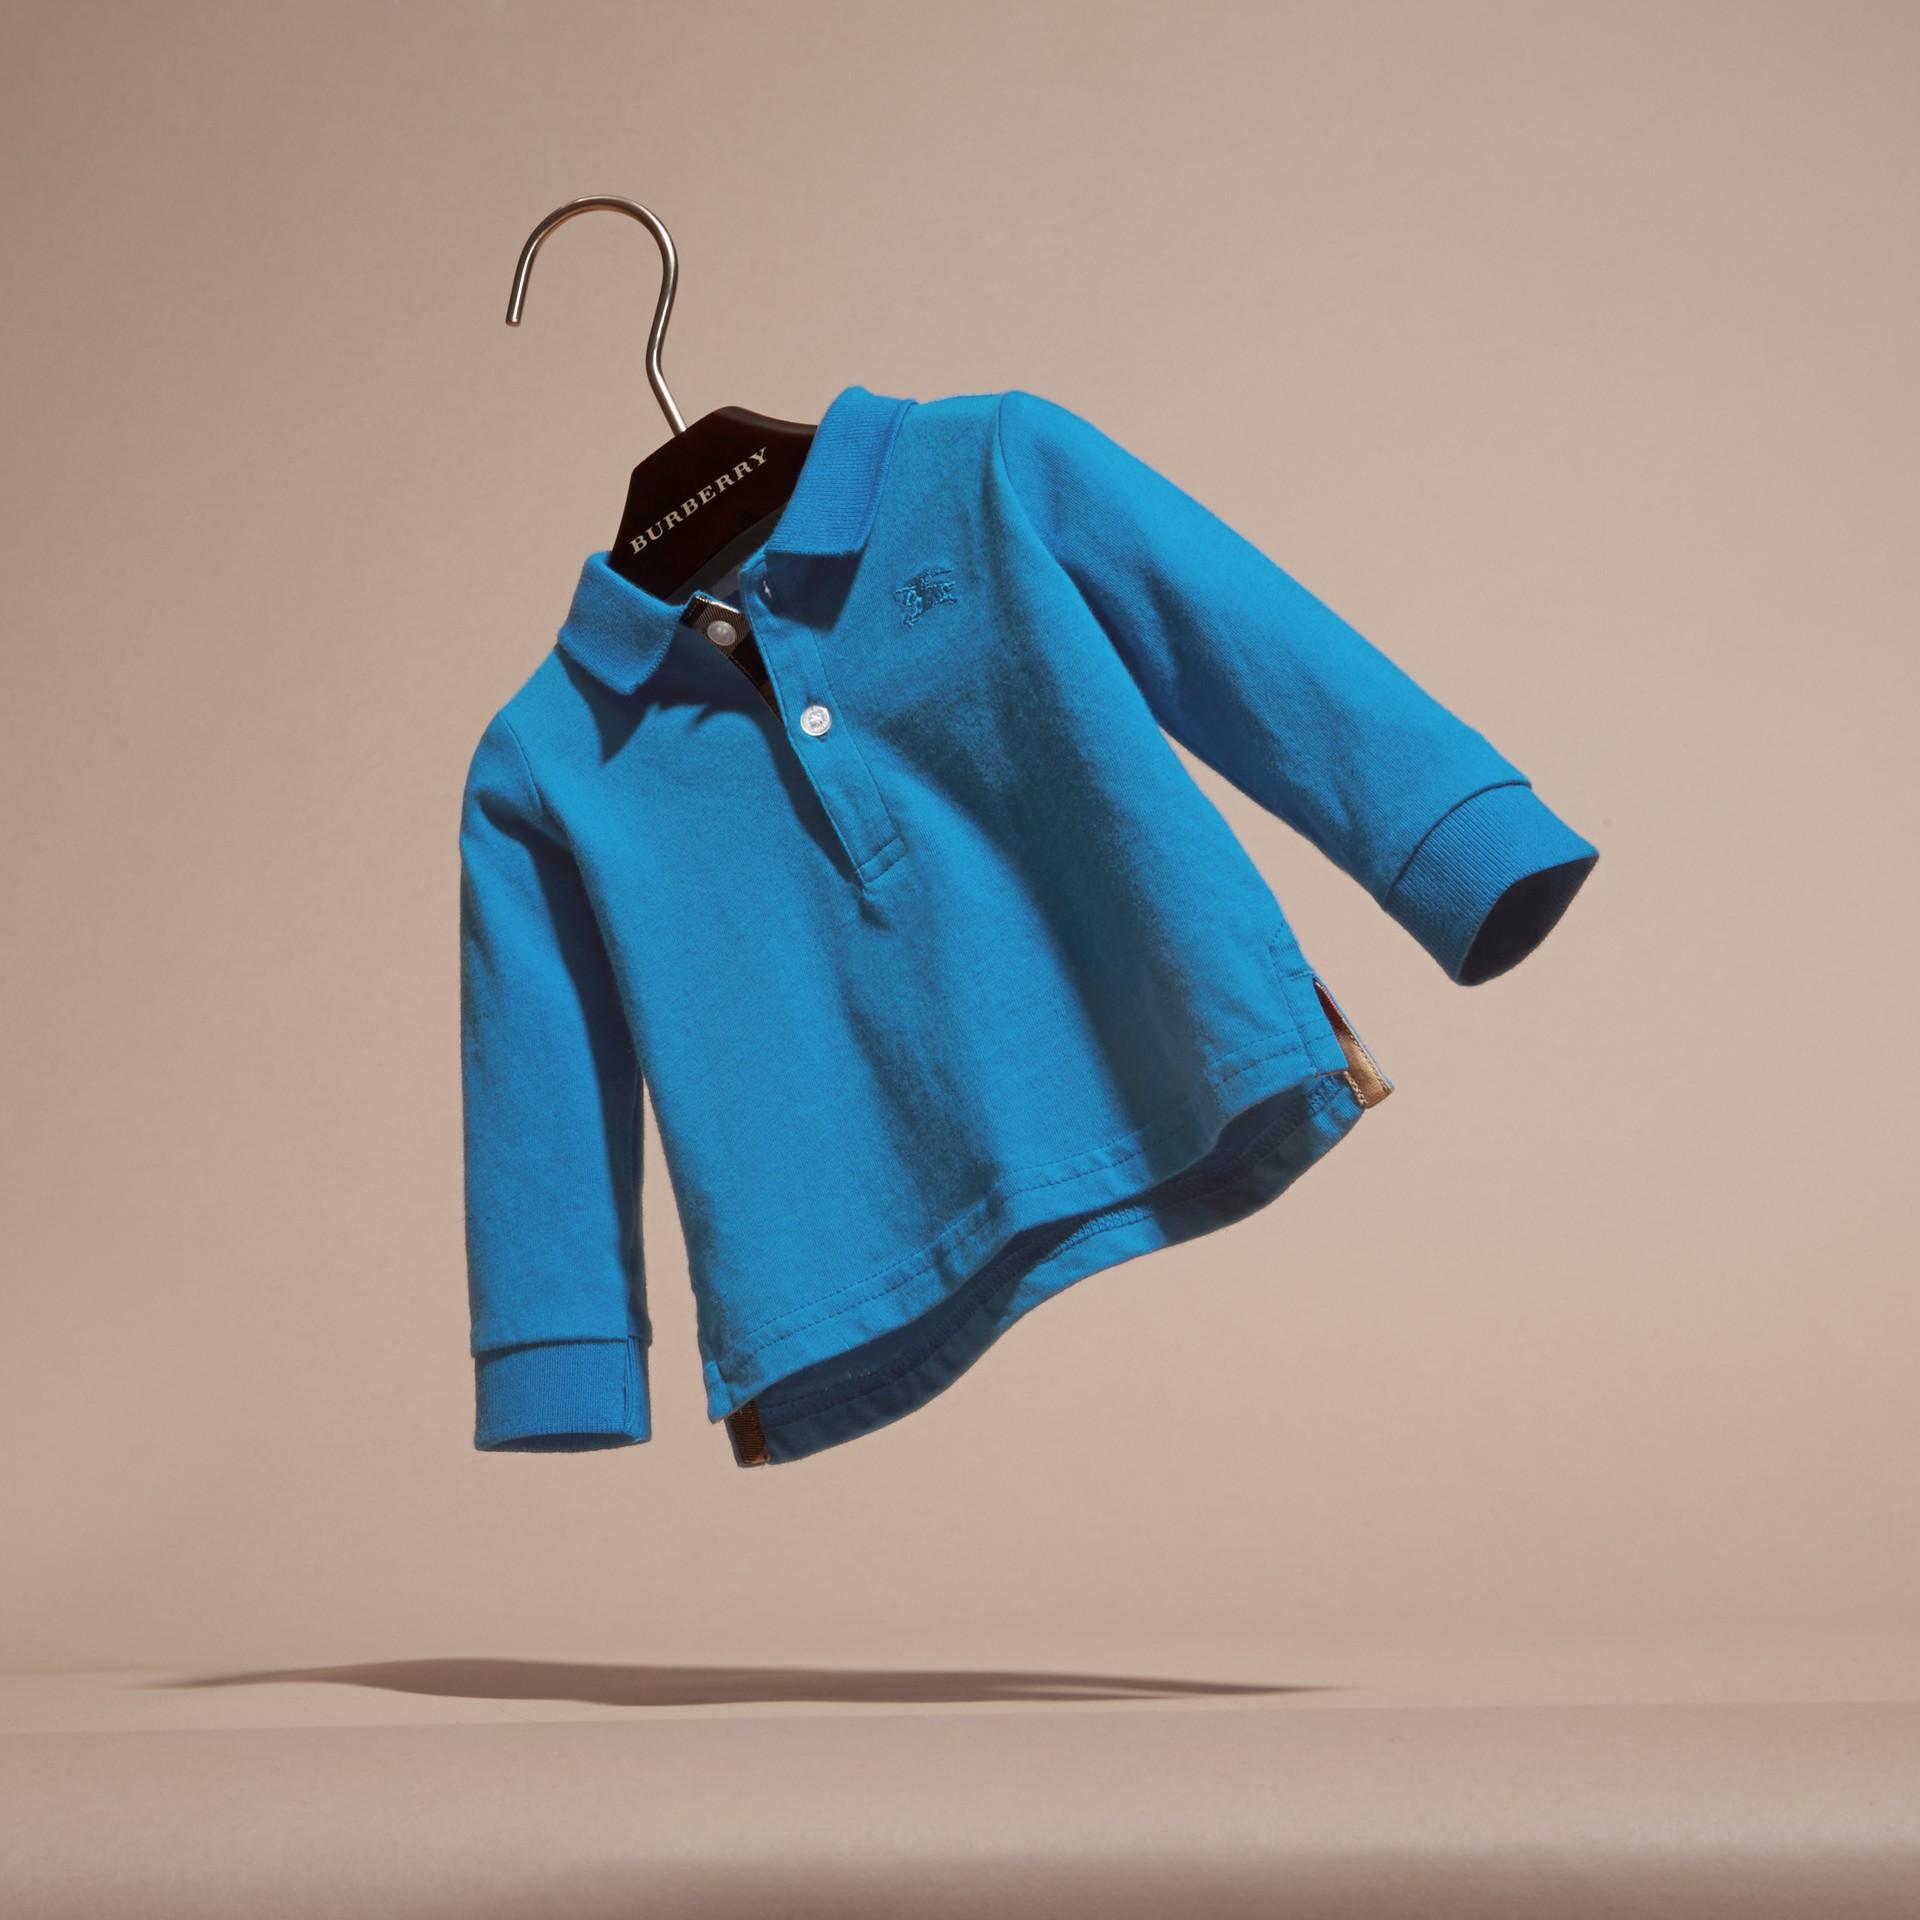 브라이트 오팔 체크 트리밍 롱 슬리브 코튼 폴로 셔츠 브라이트 오팔 - 갤러리 이미지 3